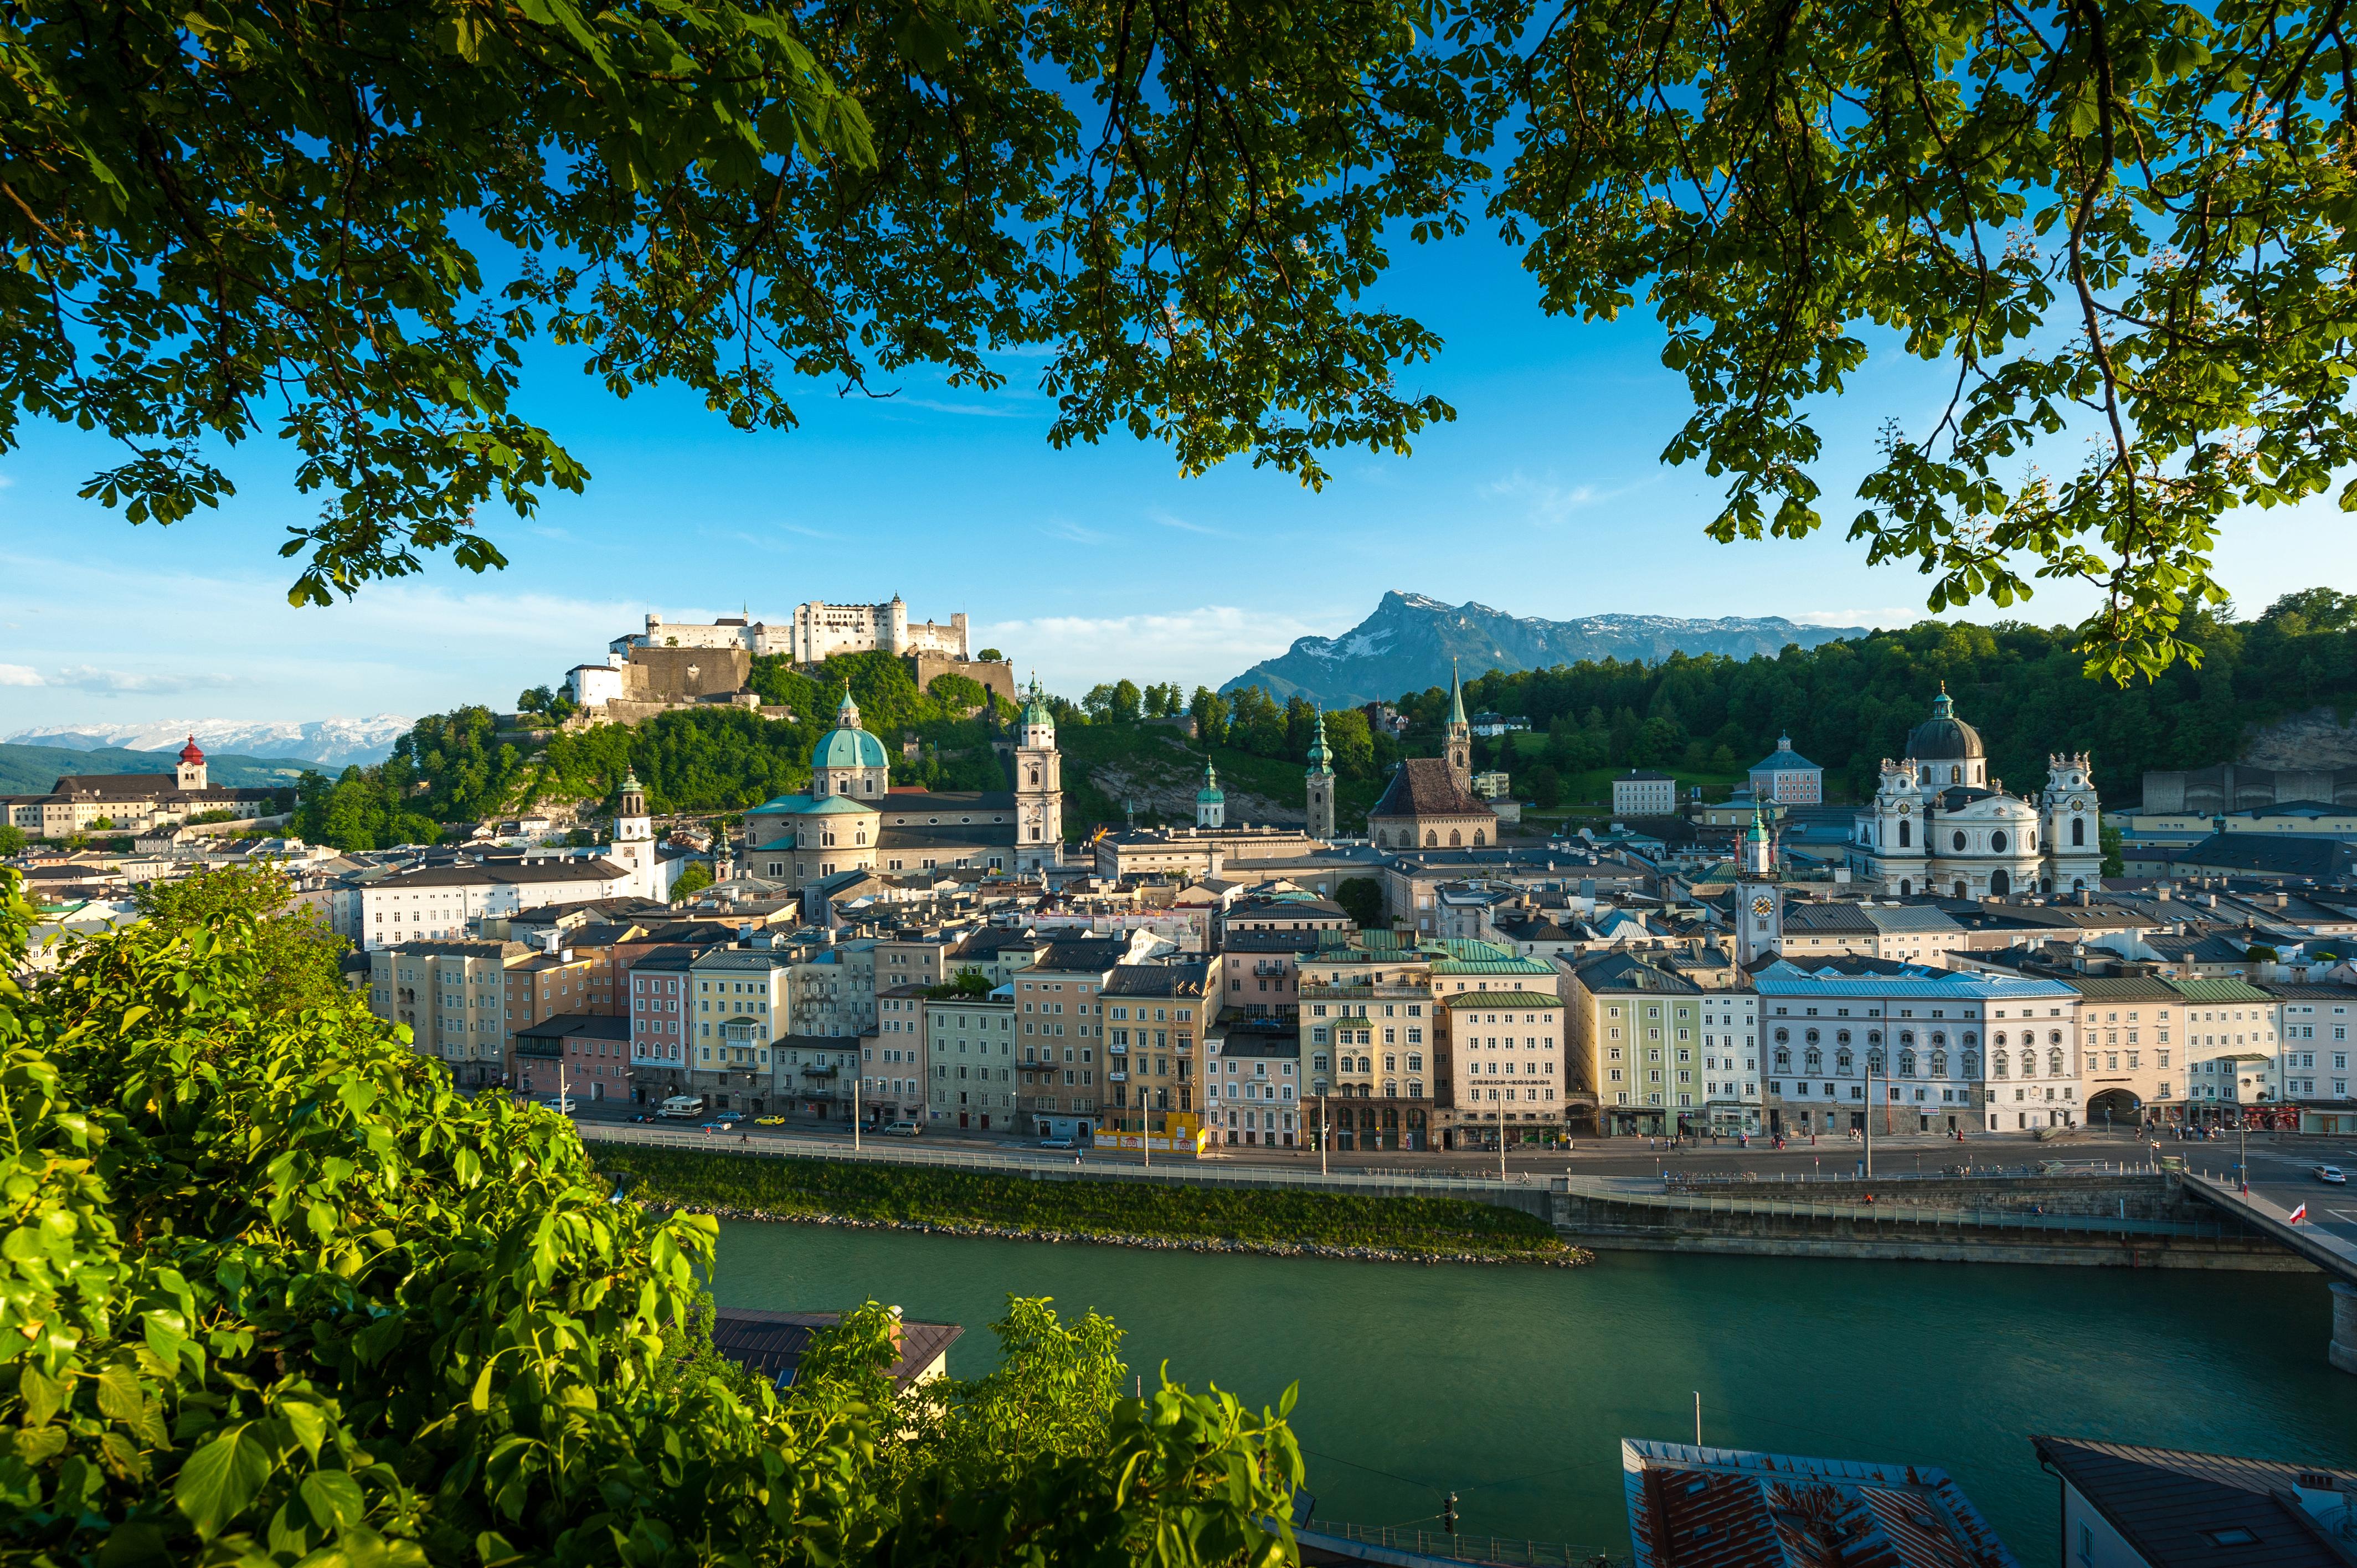 Blick vom Kapuzinerberg auf die Altstadt mit Festung Hohensalzbug